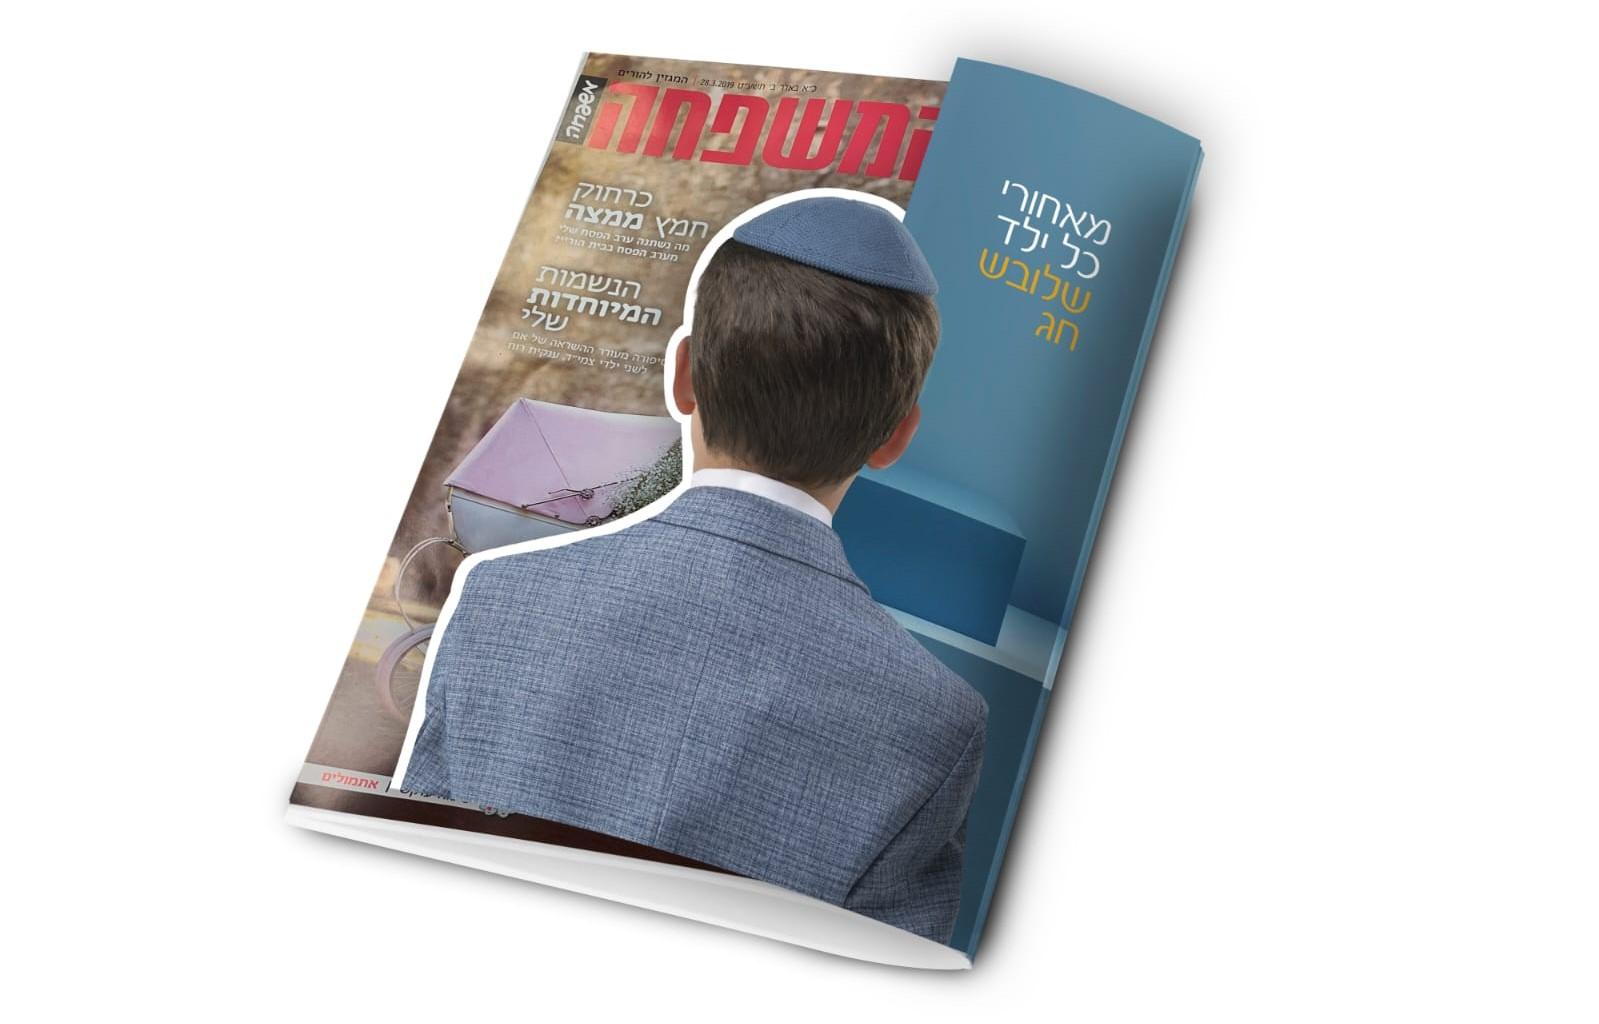 עוטפים את העיתונים: מה עומד מאחורי הקמפיין החגיגי של 'פאביו'? 1